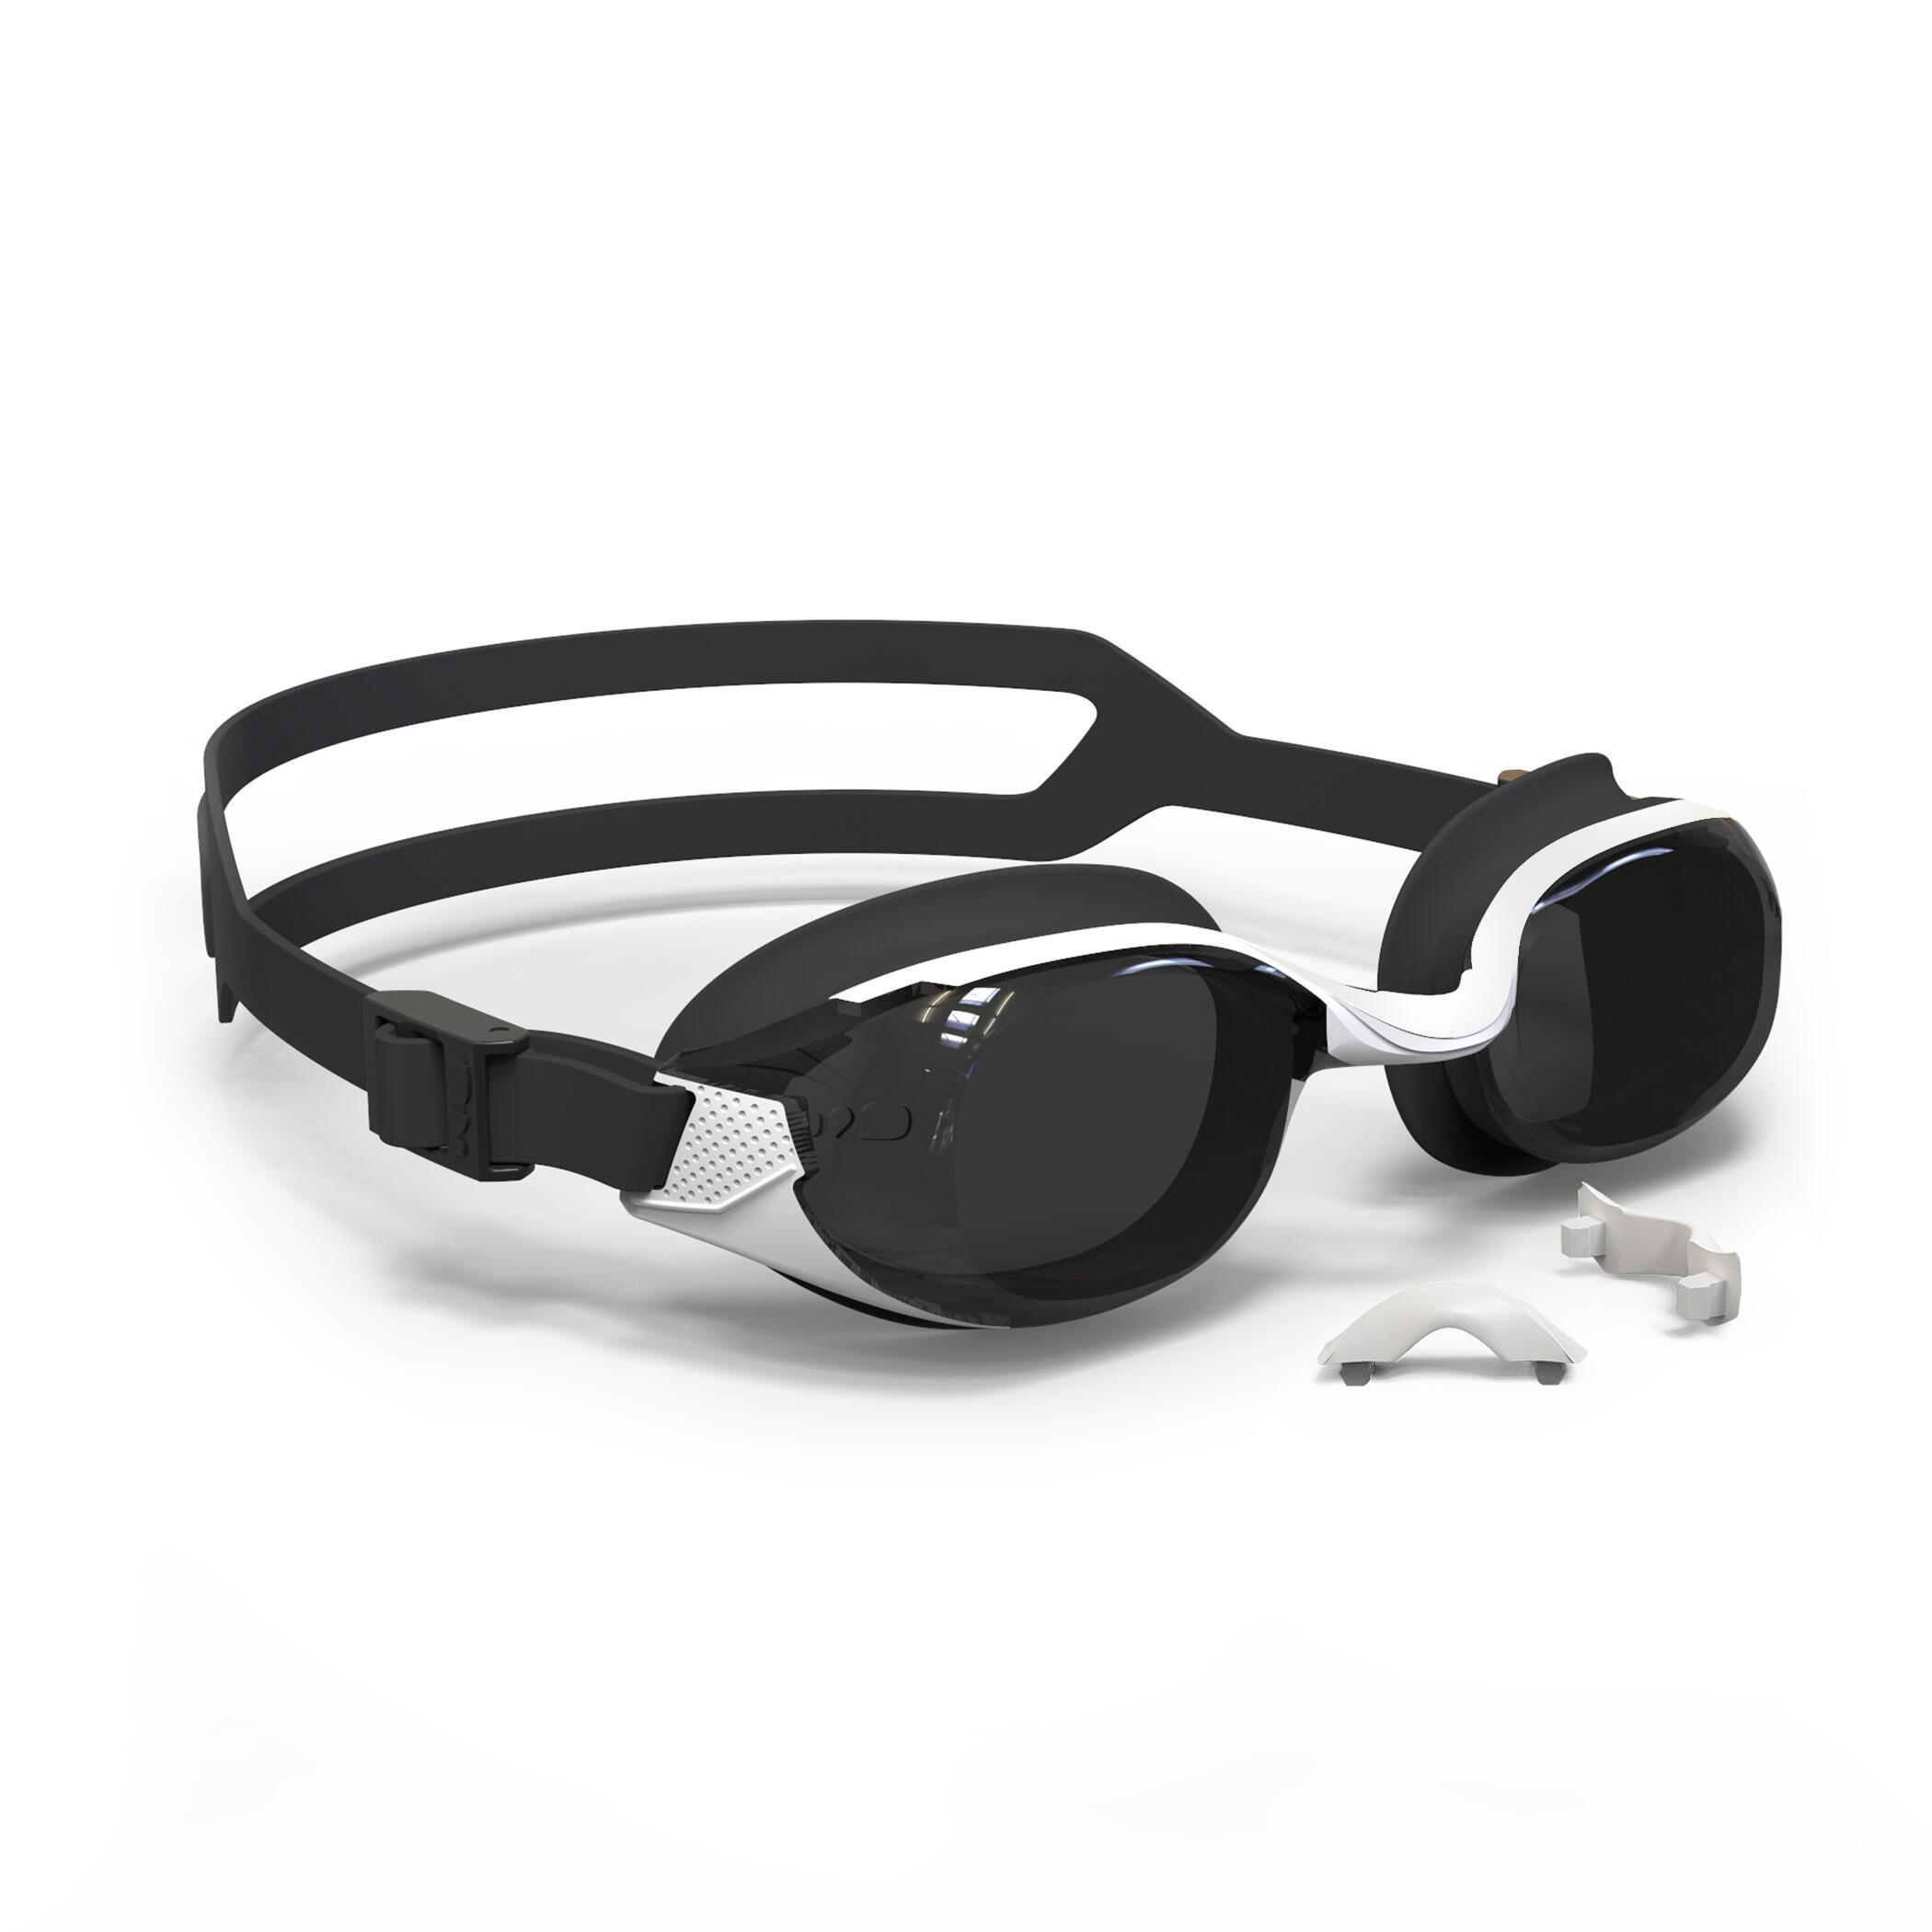 Goggles de natación B-FIT blanco negro